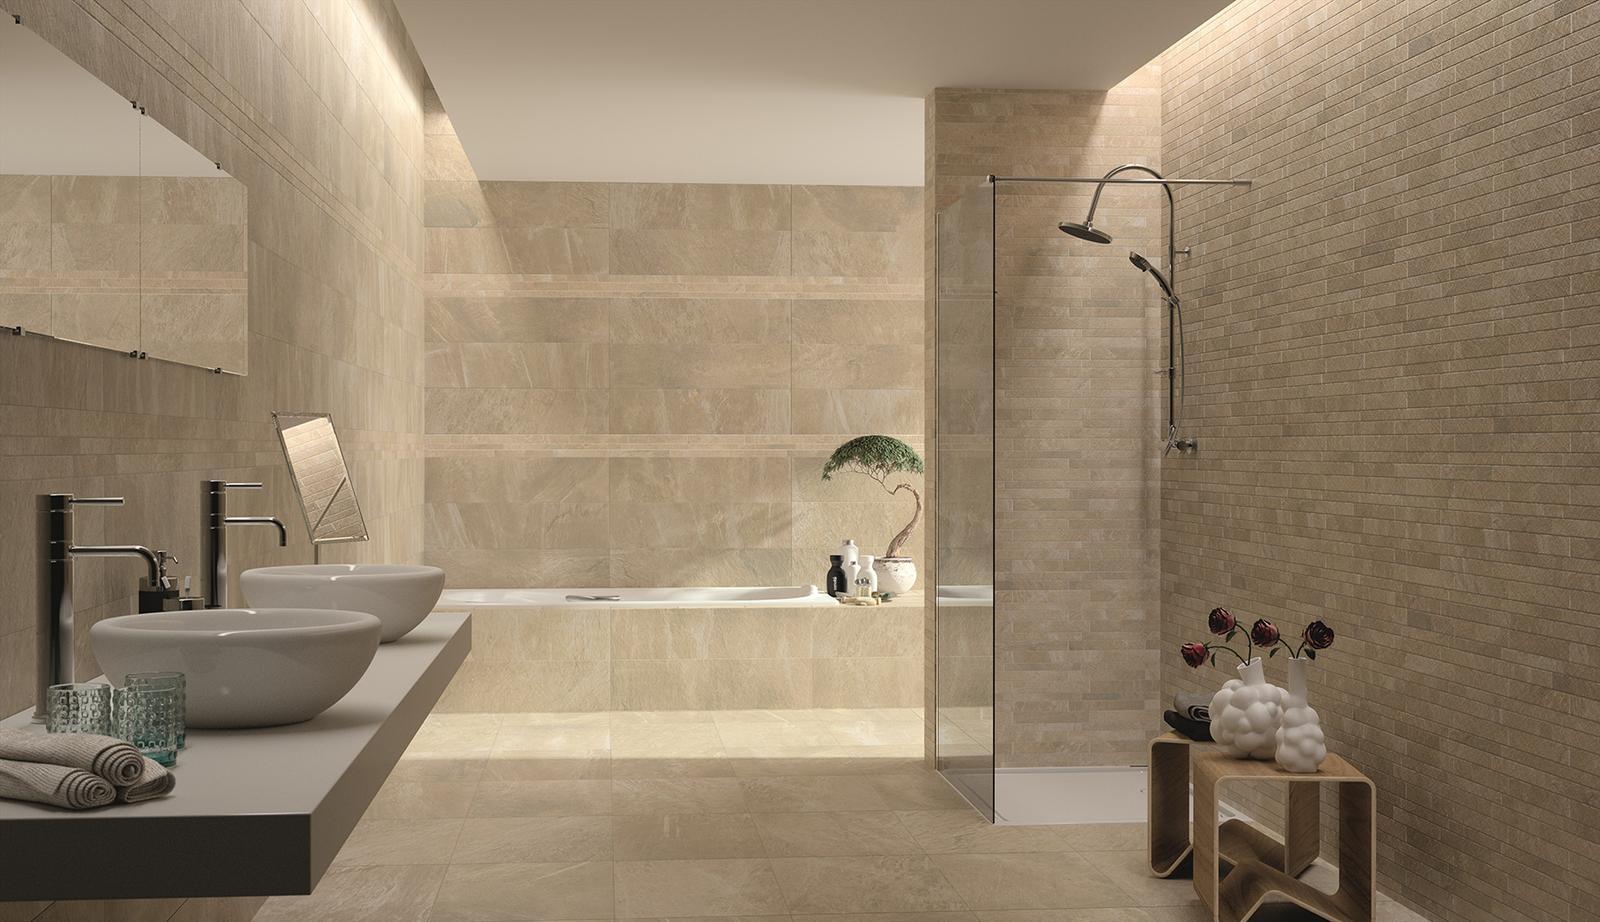 Luxusné kúpelne zo Španielska - moderná kúpeľňa Filita Gold 24,5x98,2; 49,1x49,1